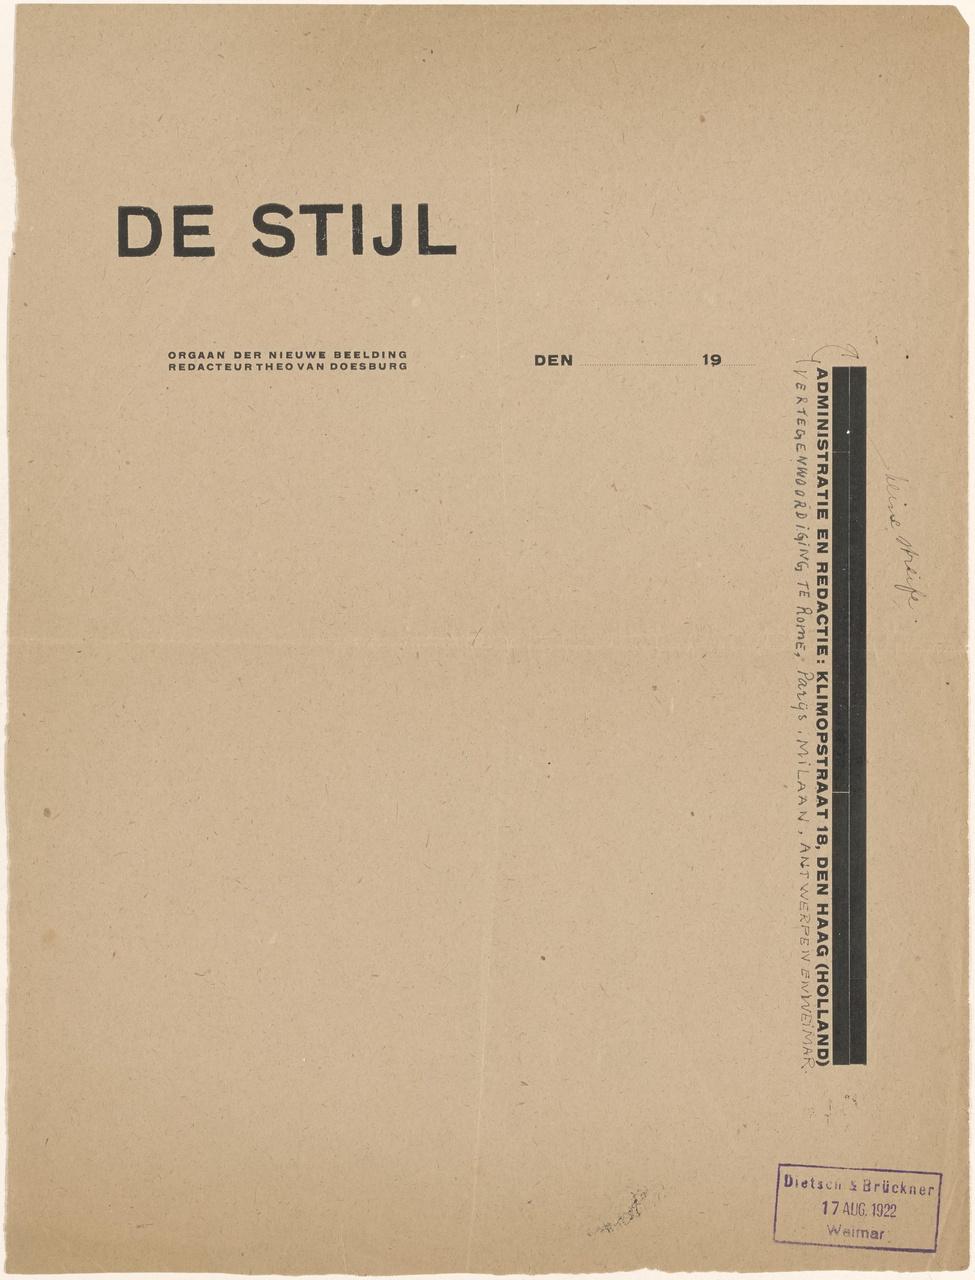 Proefdruk typografie voor De Stijl, ontwerp briefpapier